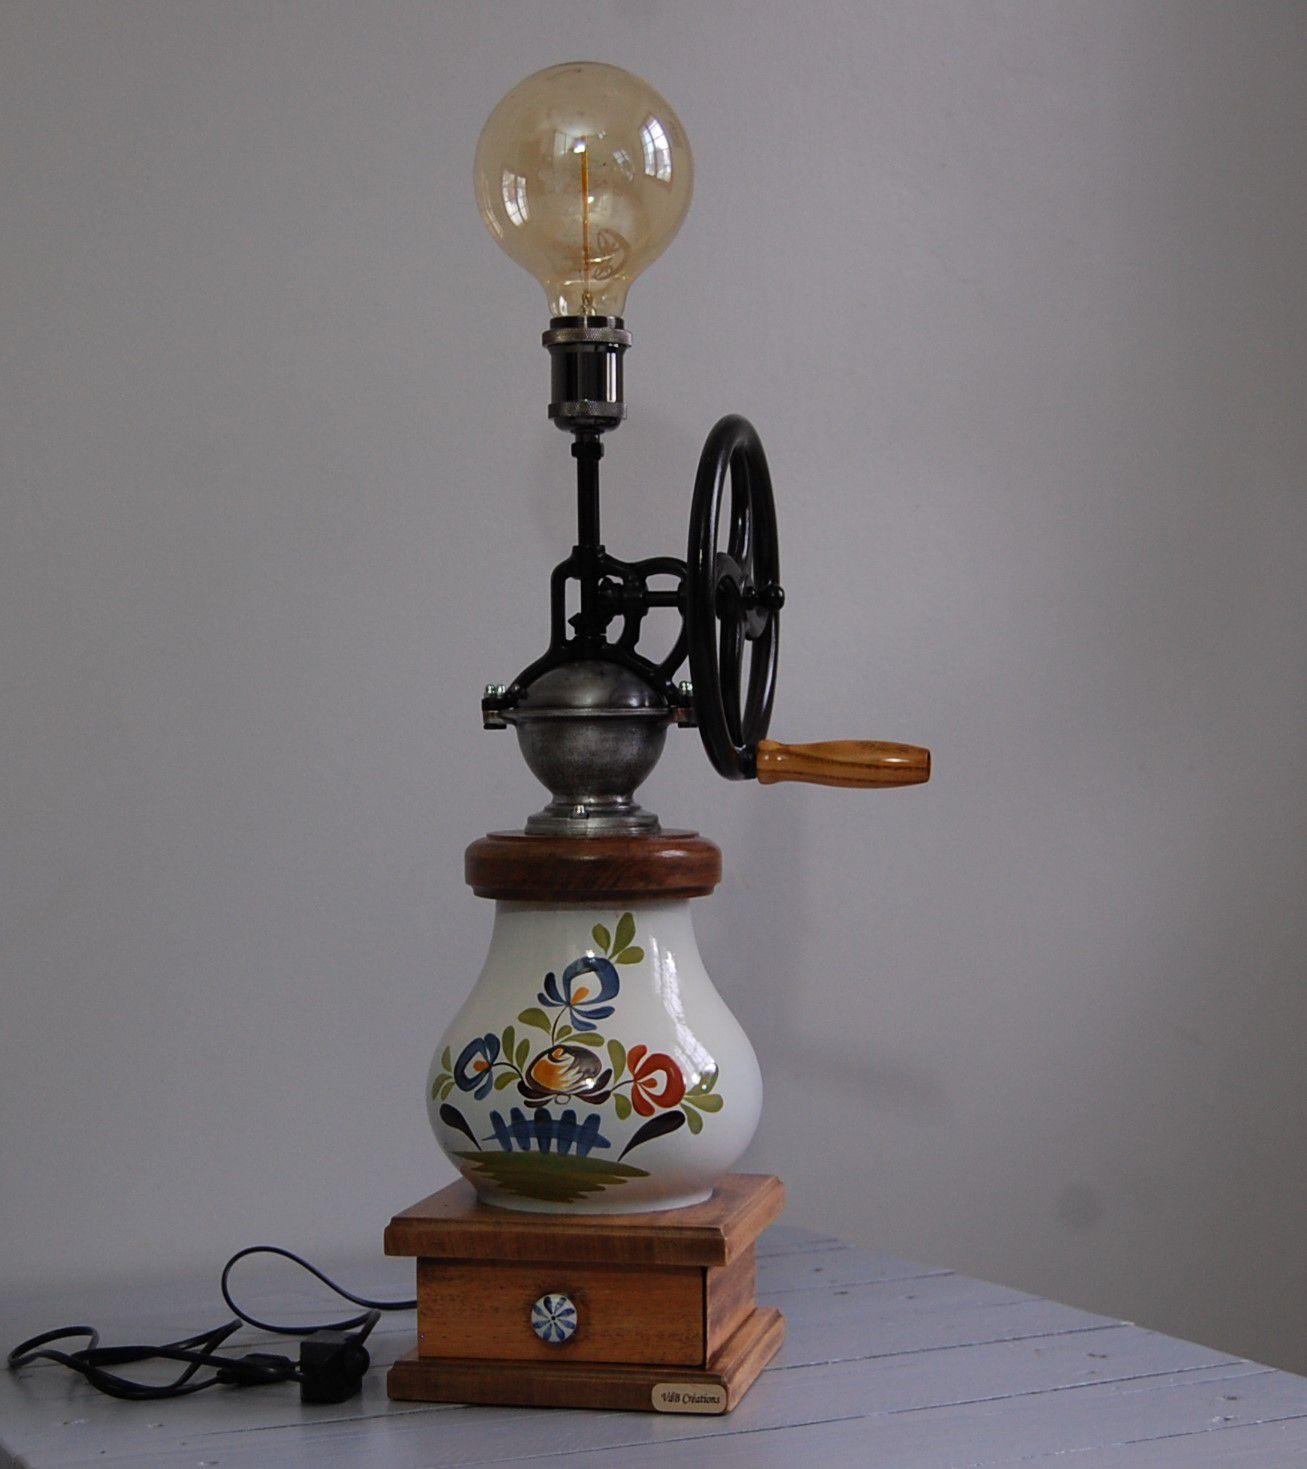 LAMPE ANCIEN MOULIN A CAFE (détournementd'objet)